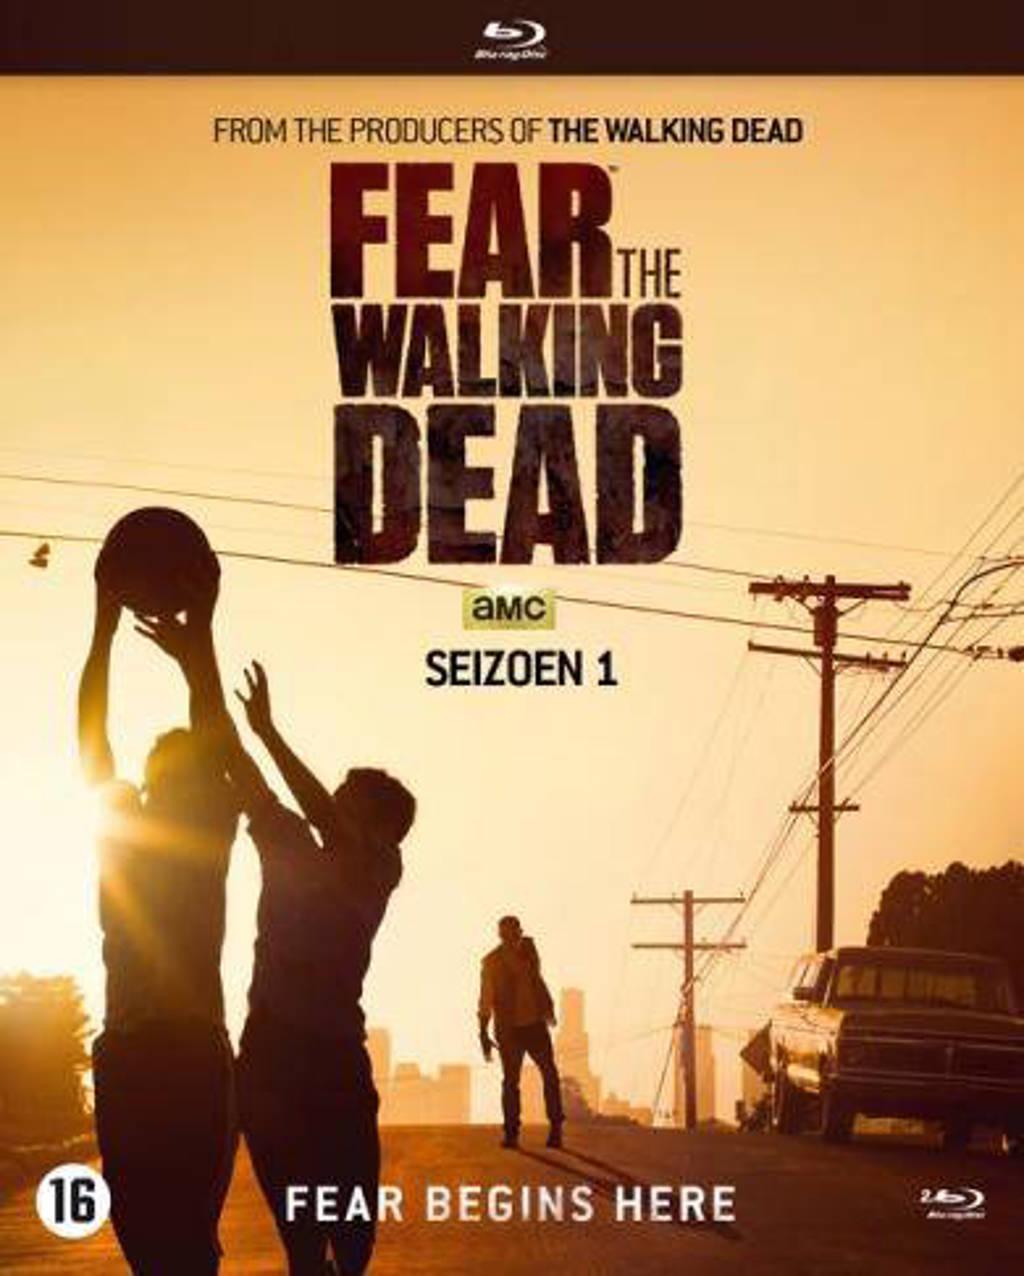 Fear the walking dead - Seizoen 1 (Blu-ray)